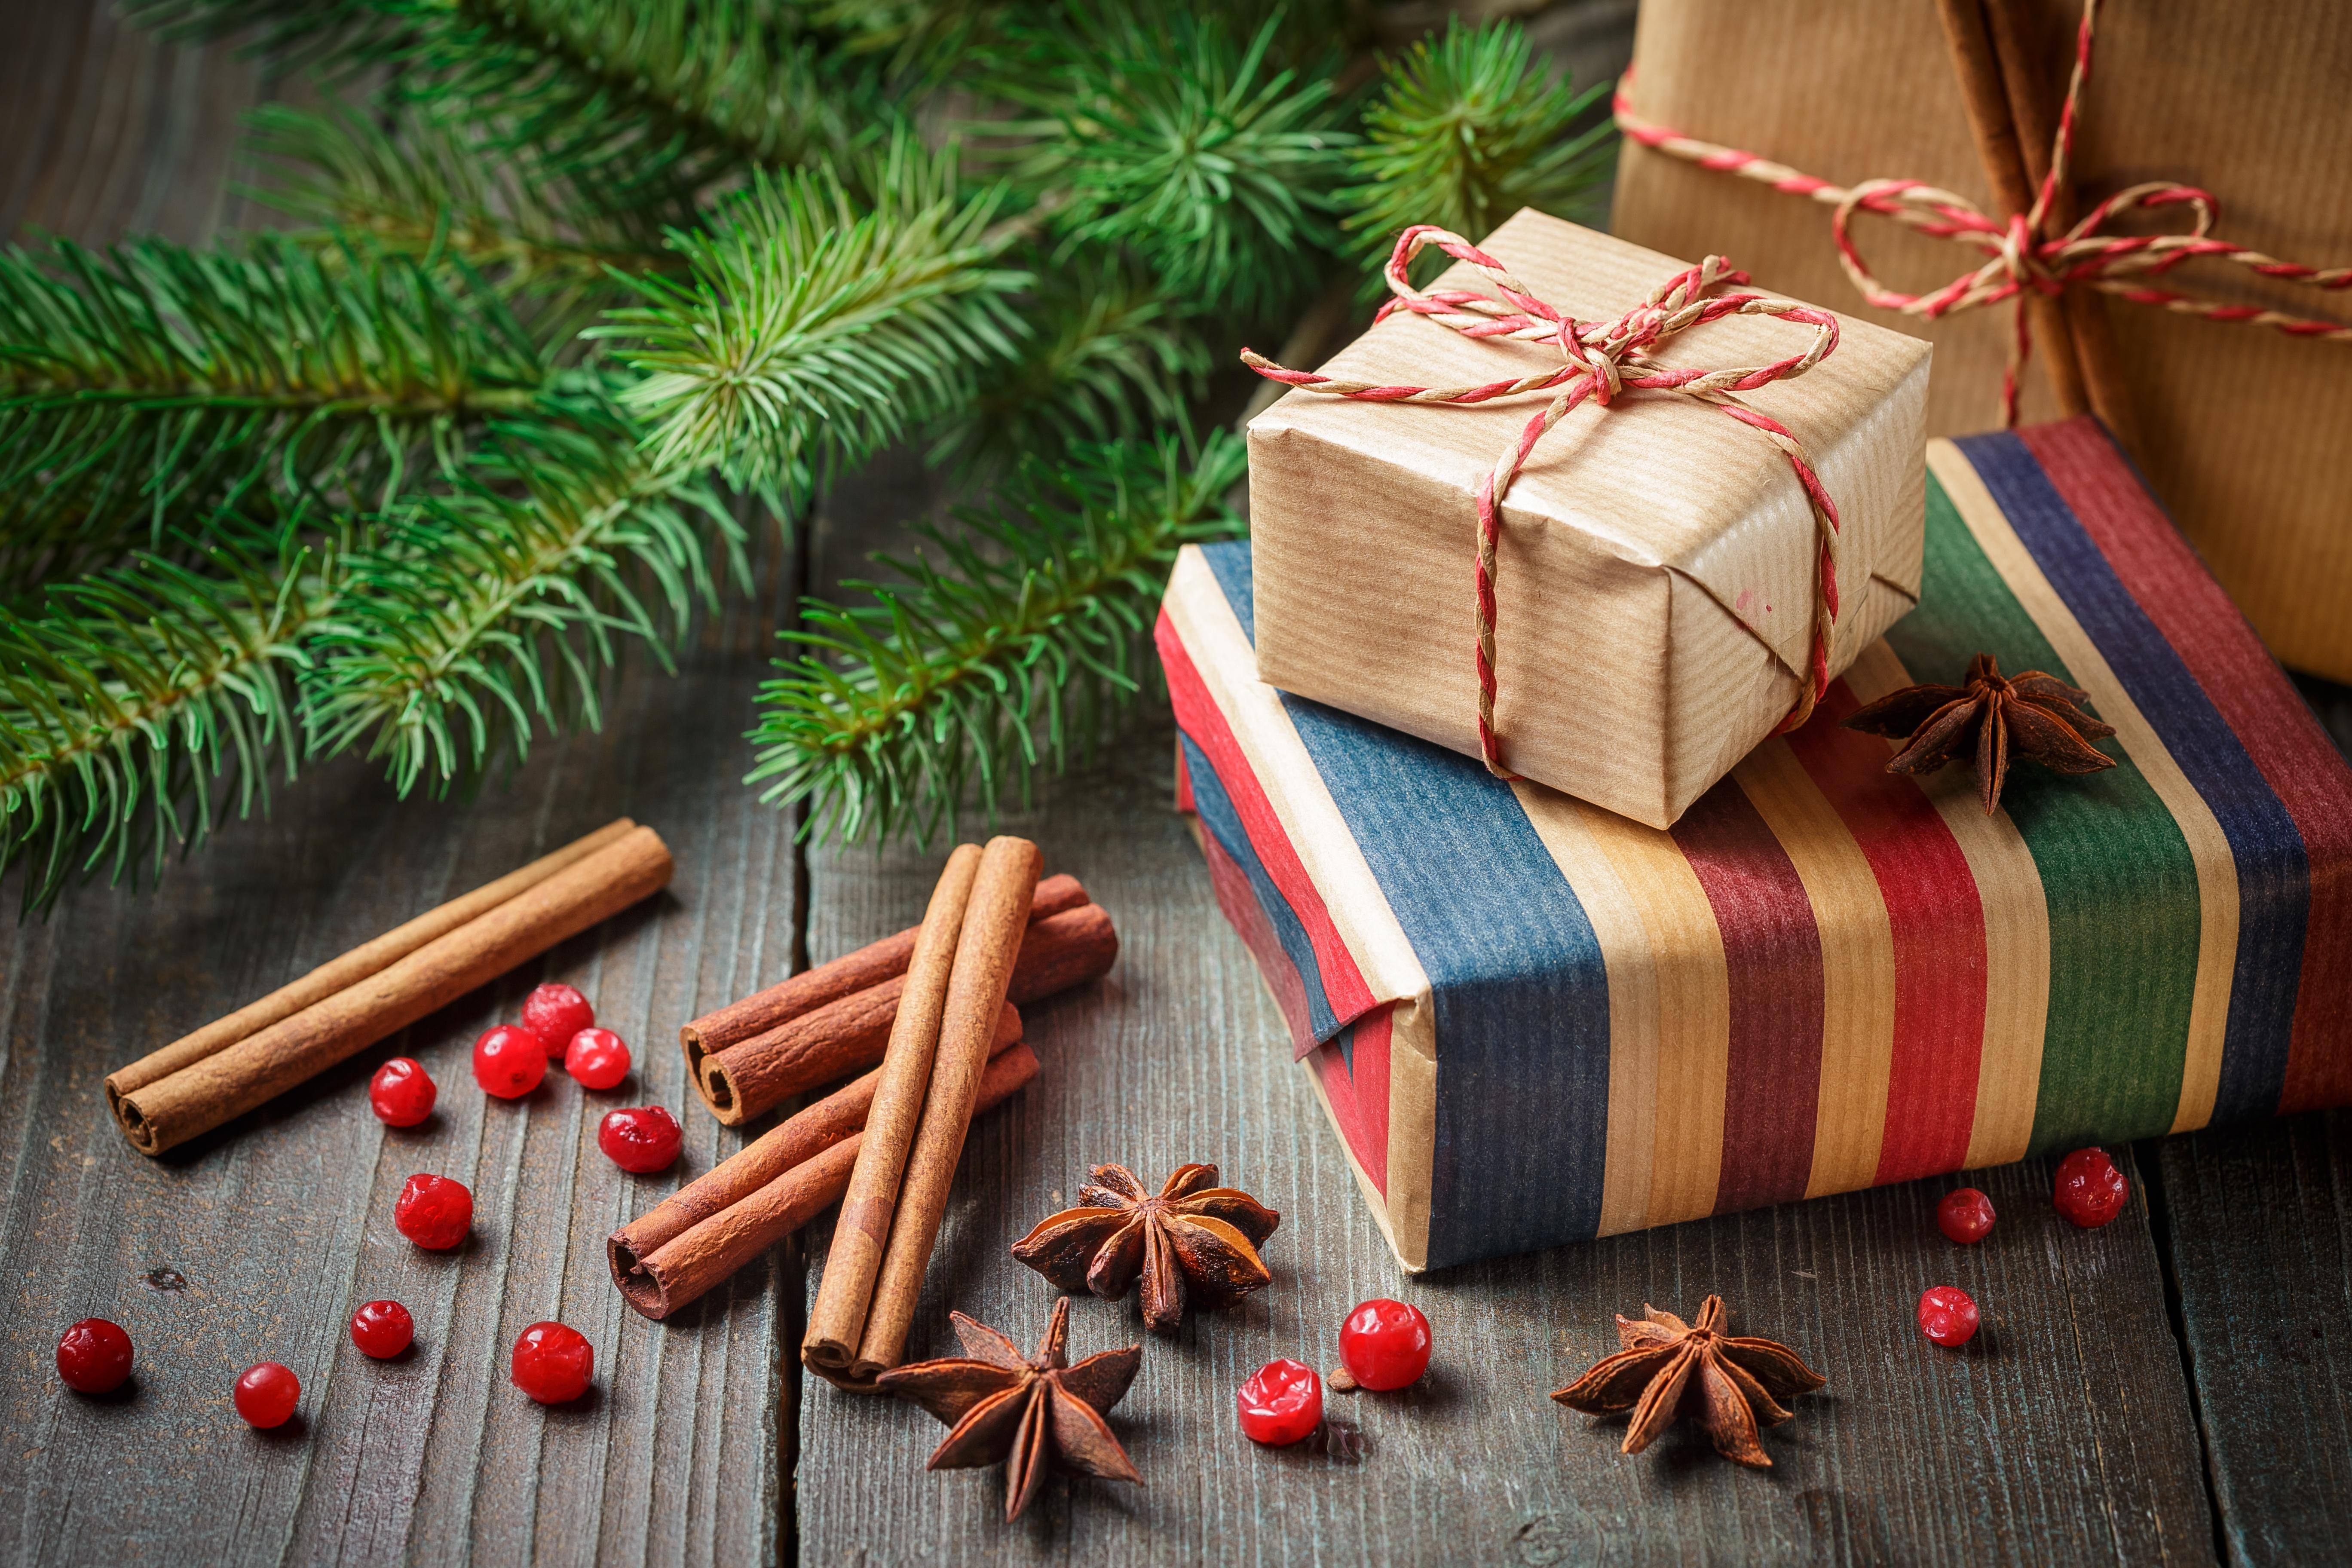 картинка рождественская подарки если феминизм гей-браки